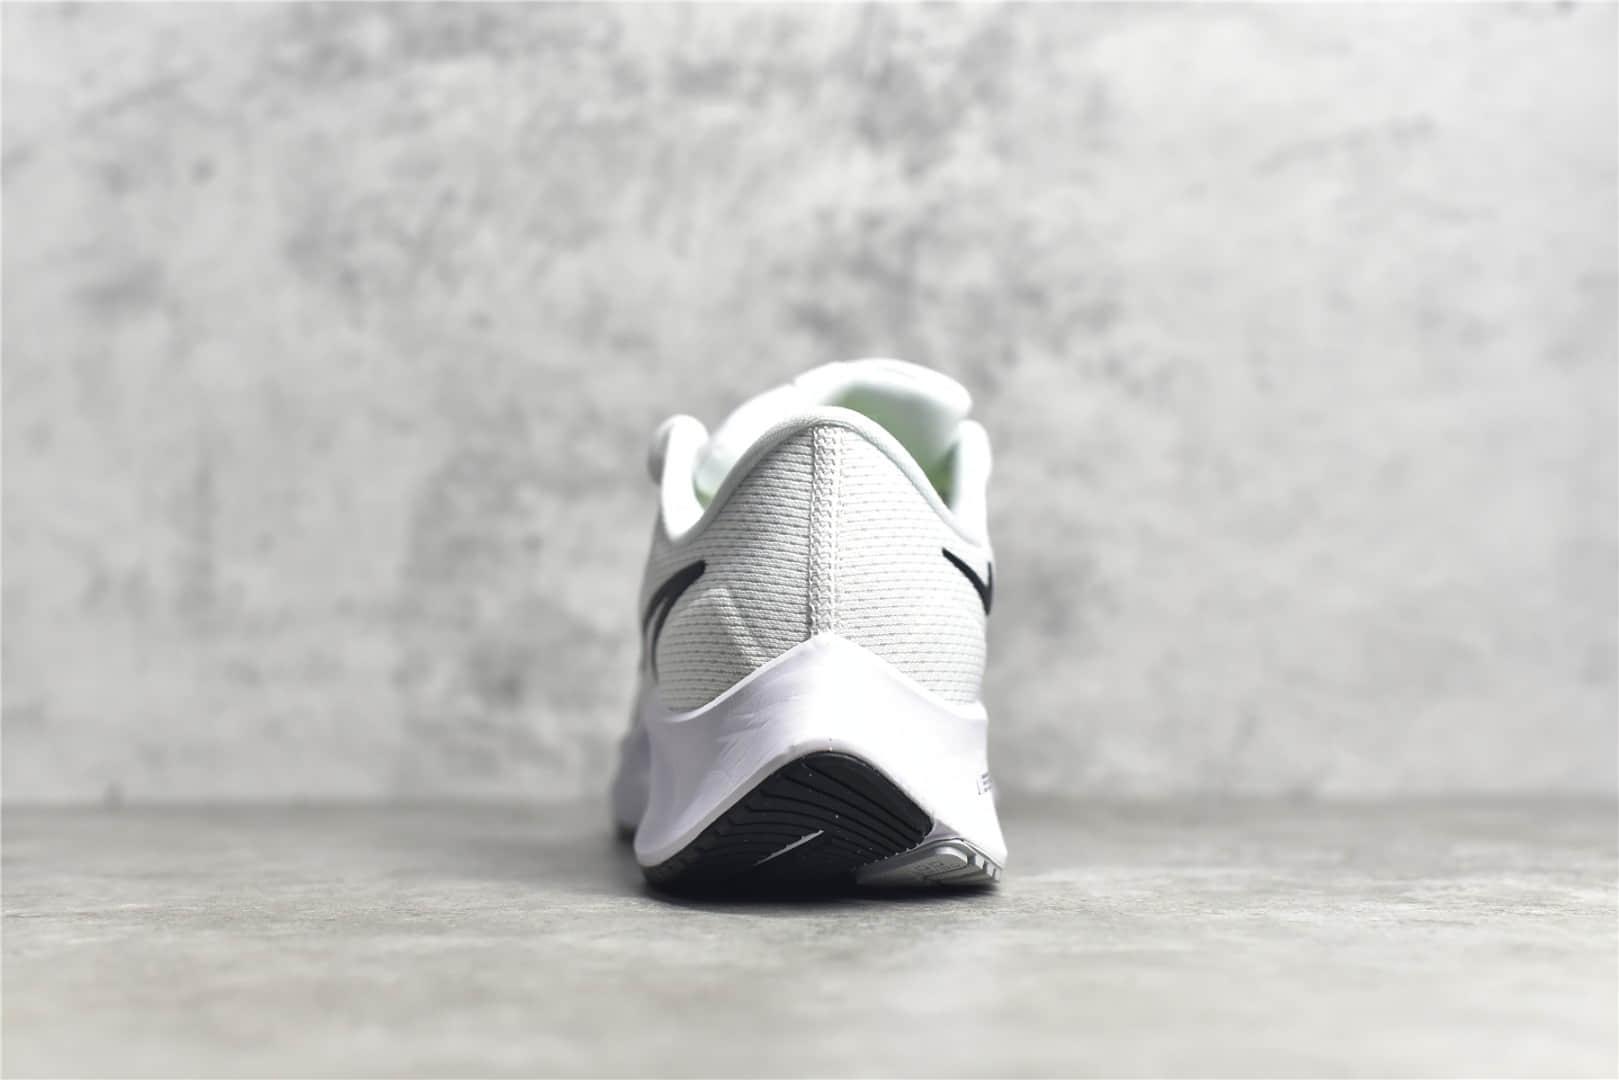 耐克登月38代白色轻跑鞋 Nike Zoom Pegasus 38 公司级版本耐克登月系列 耐克登月复刻 货号:CW7356-100-潮流者之家